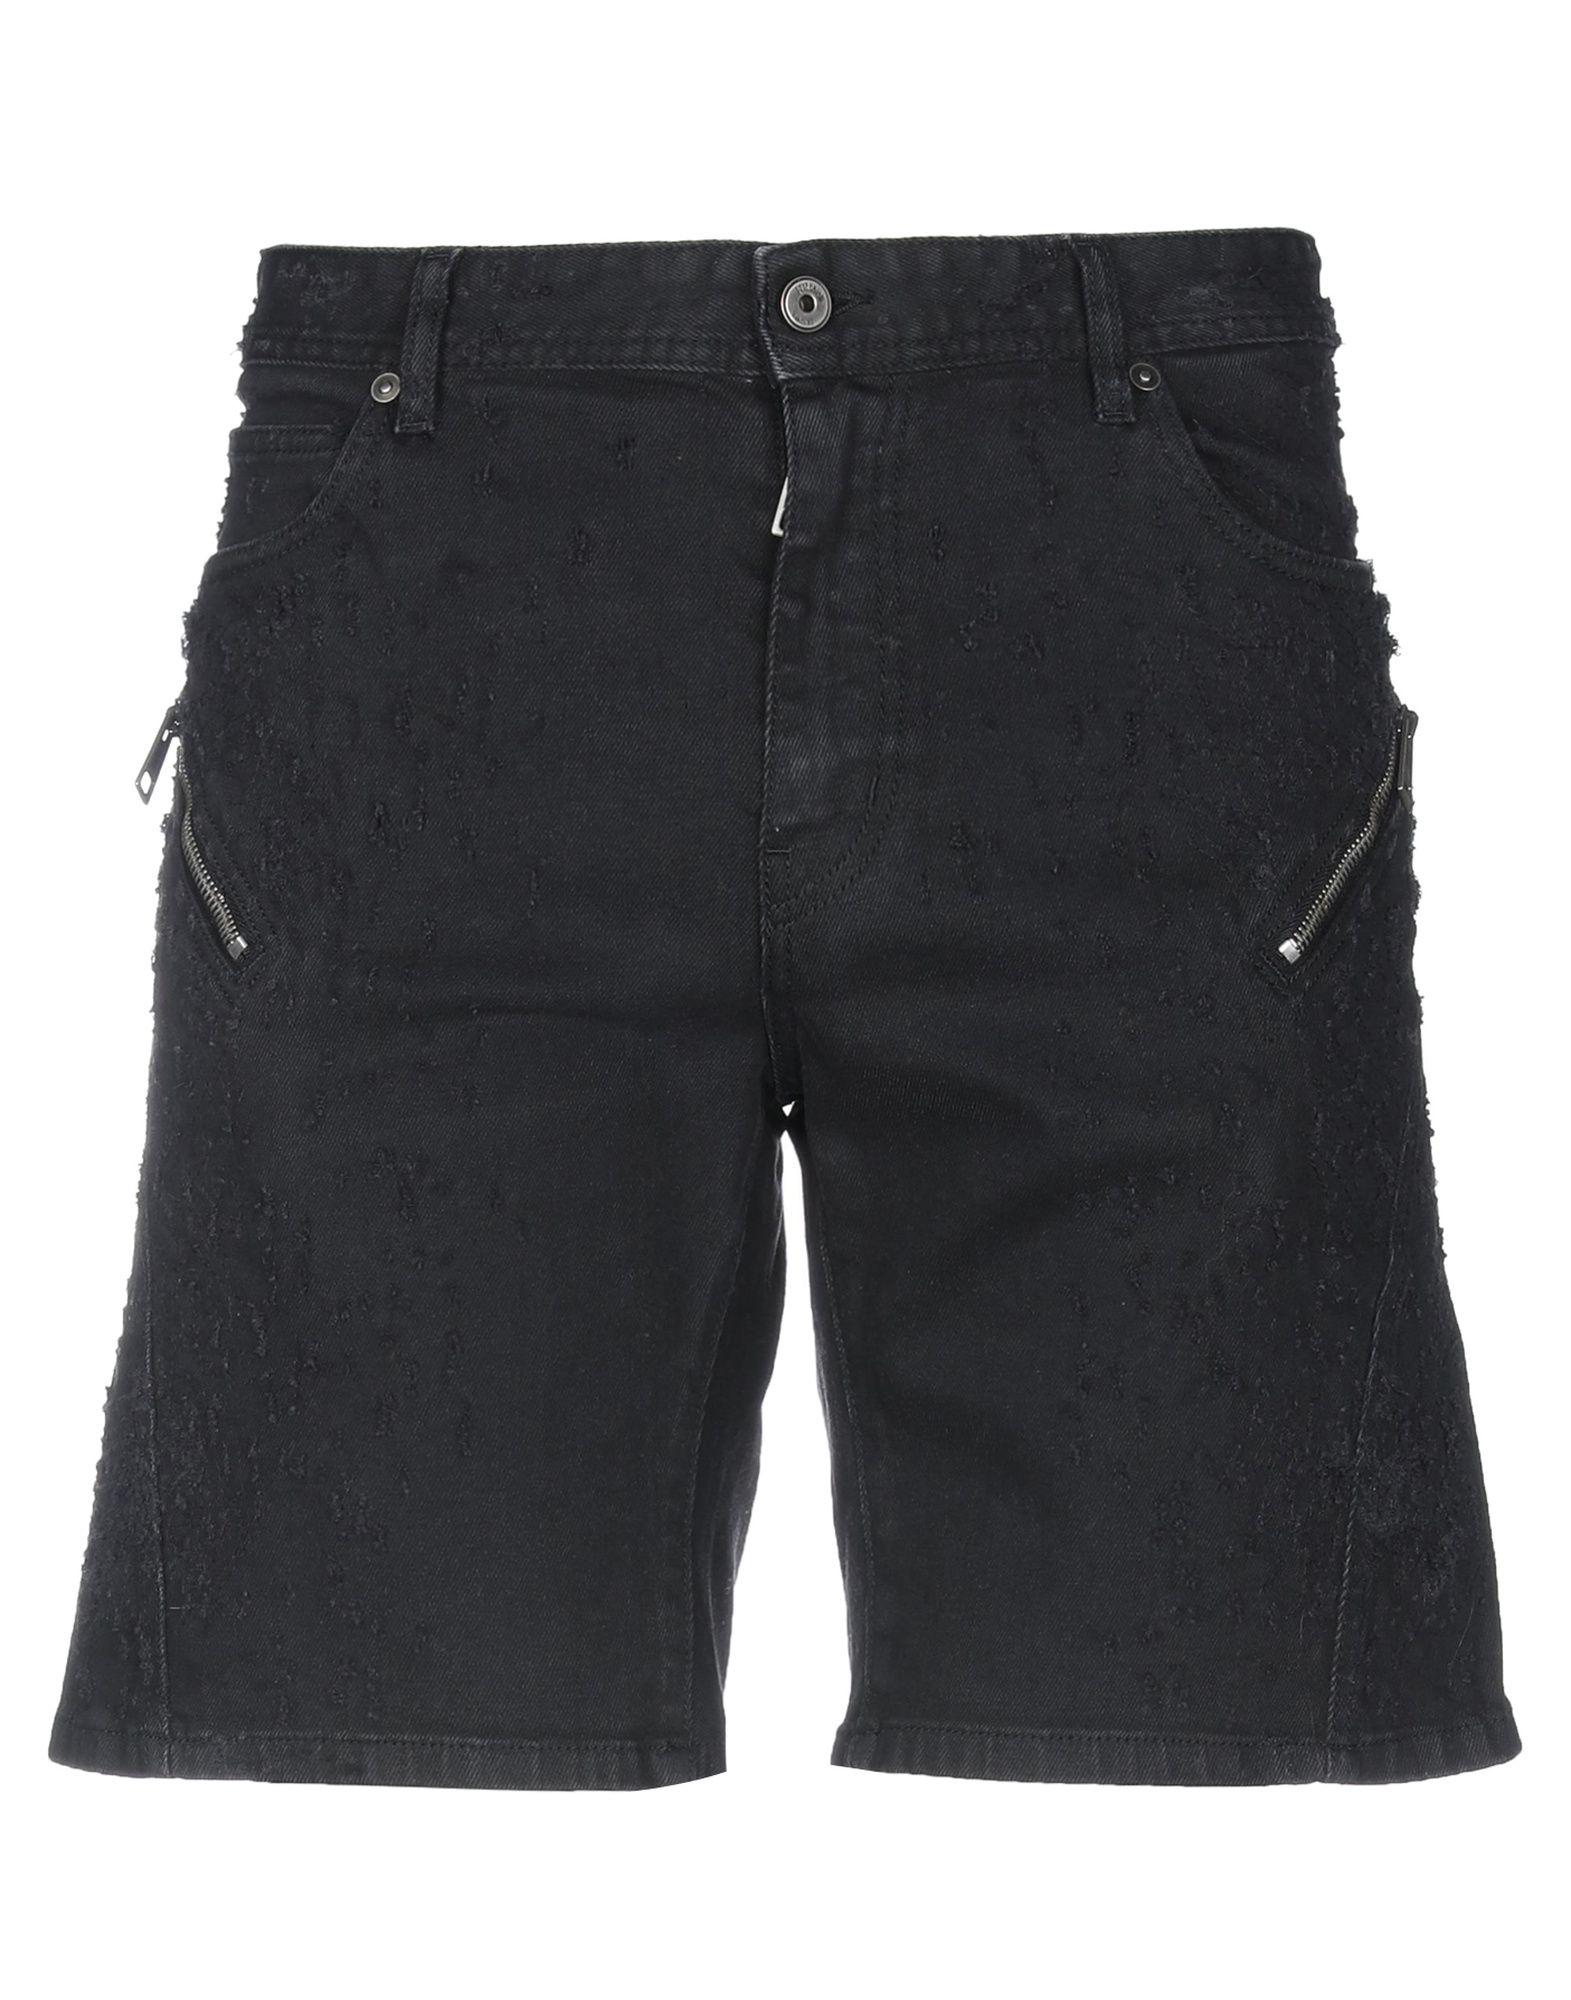 《セール開催中》JUST CAVALLI メンズ デニムバミューダパンツ ブラック 29 コットン 98% / ポリウレタン 2%